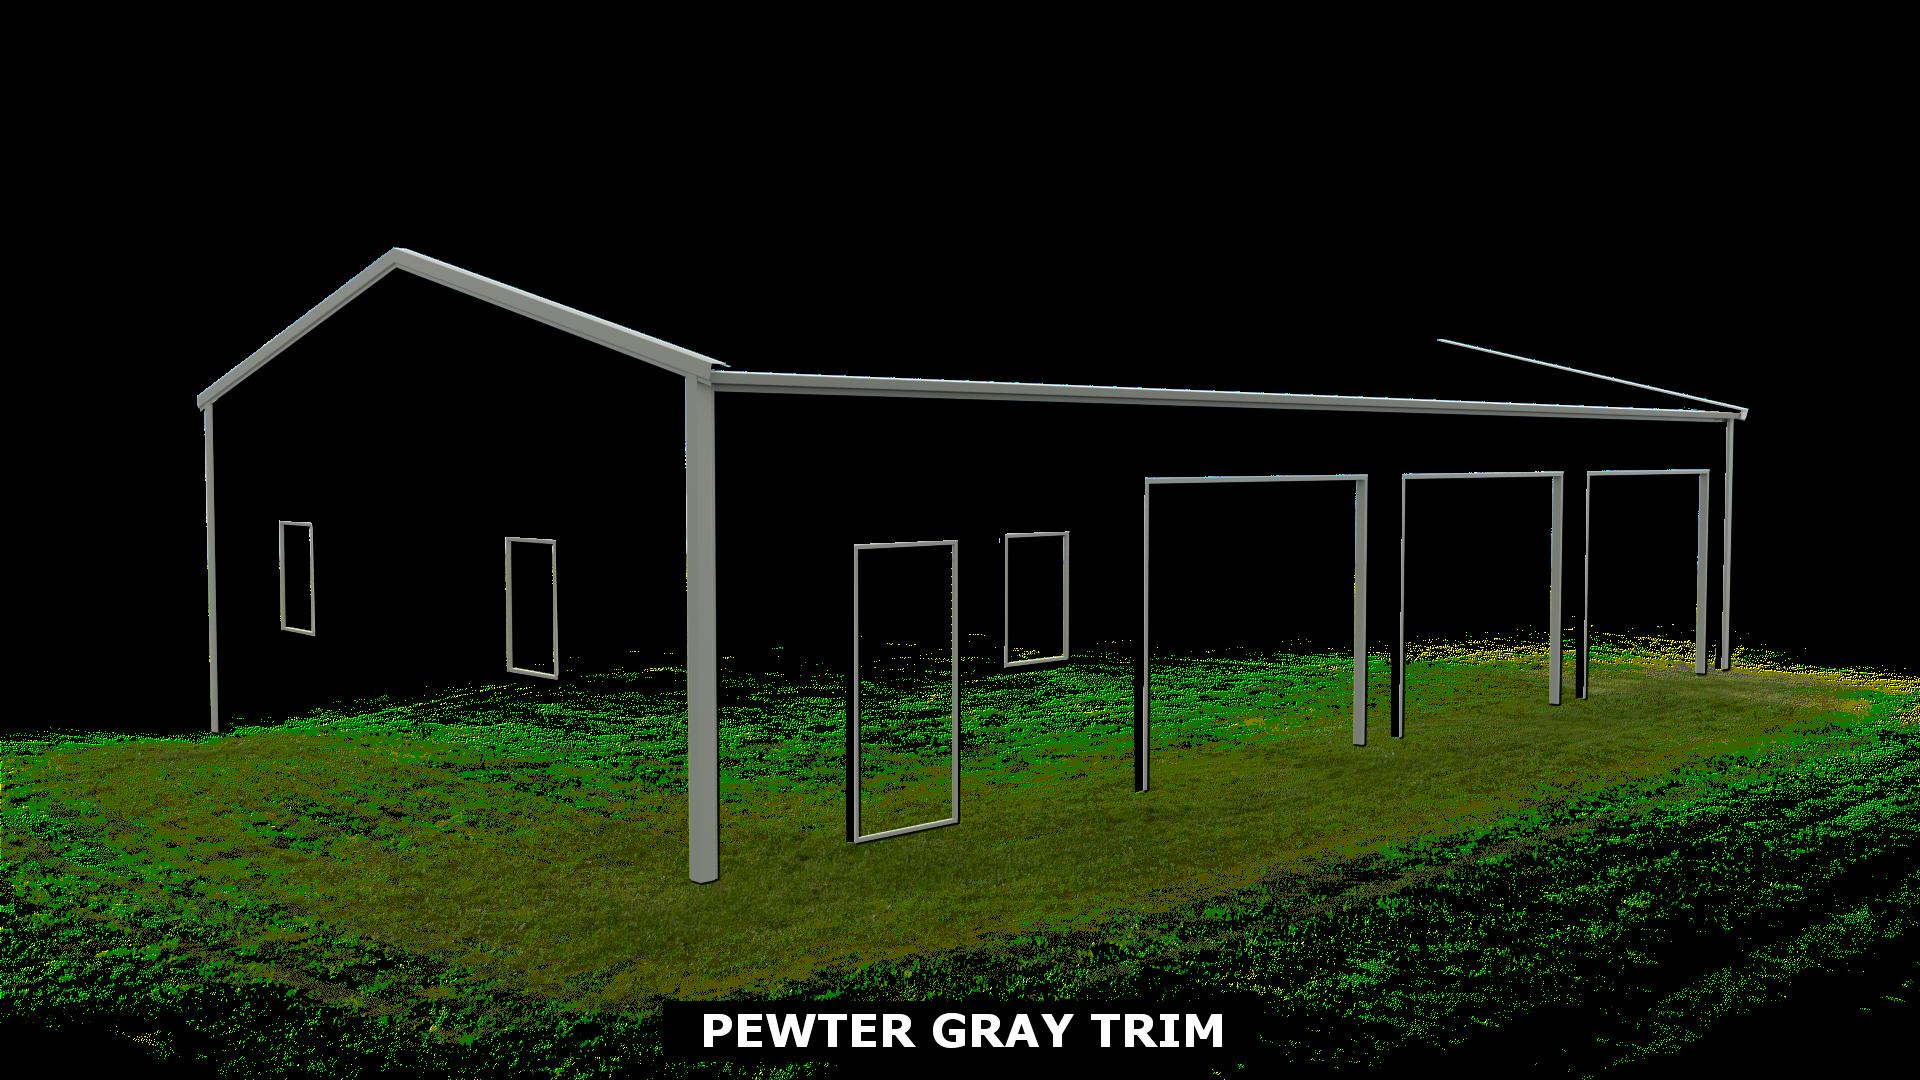 PEWTER GRAY TRIM